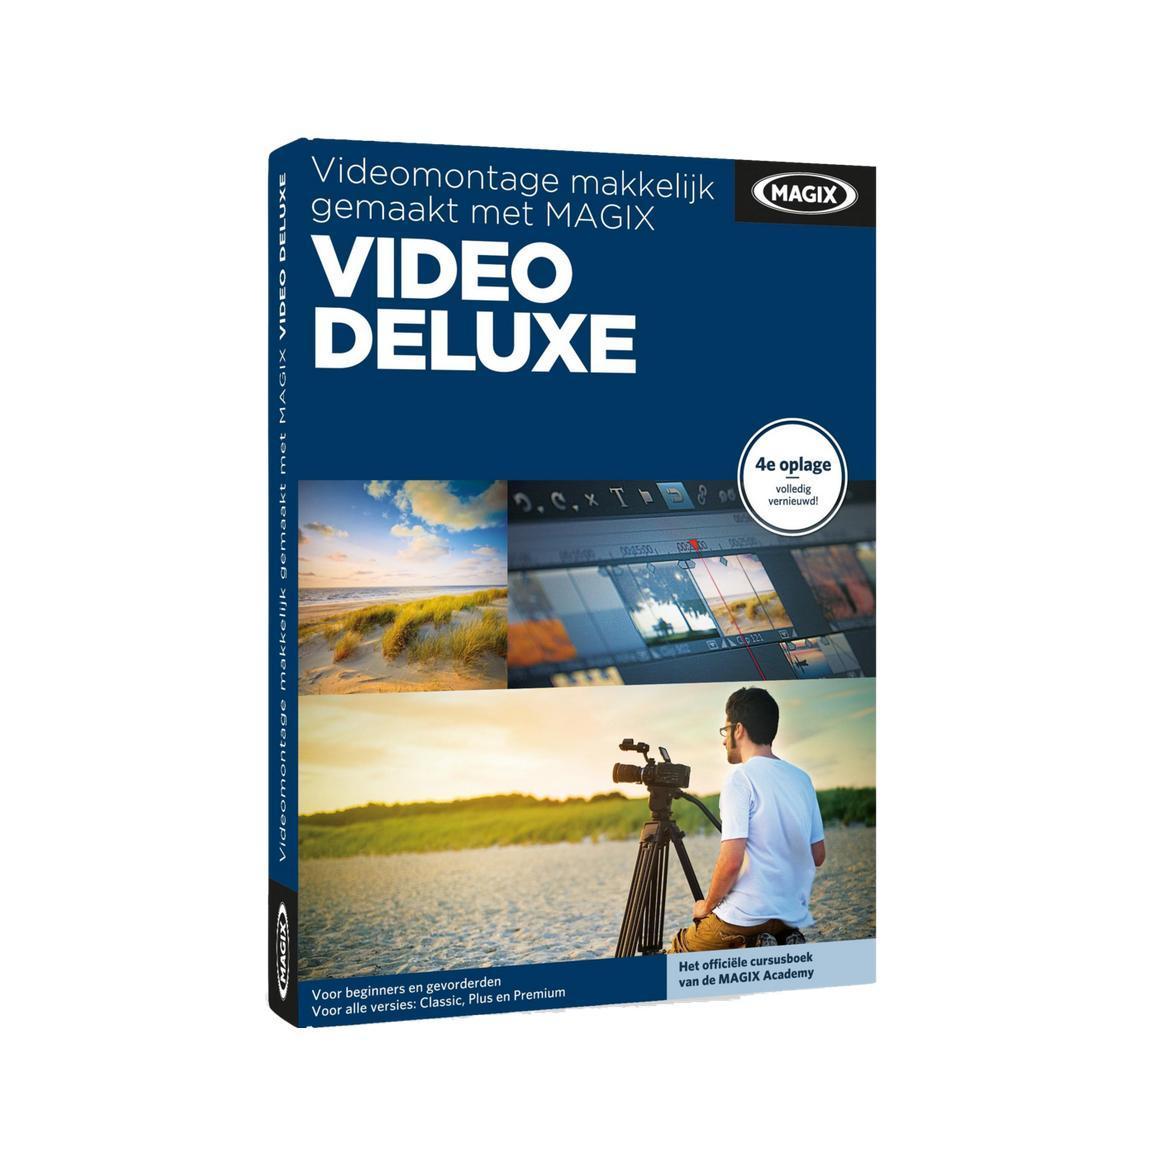 videomontage makkelijk gemaakt met magix video deluxe boek 4017218773530 yorcom. Black Bedroom Furniture Sets. Home Design Ideas